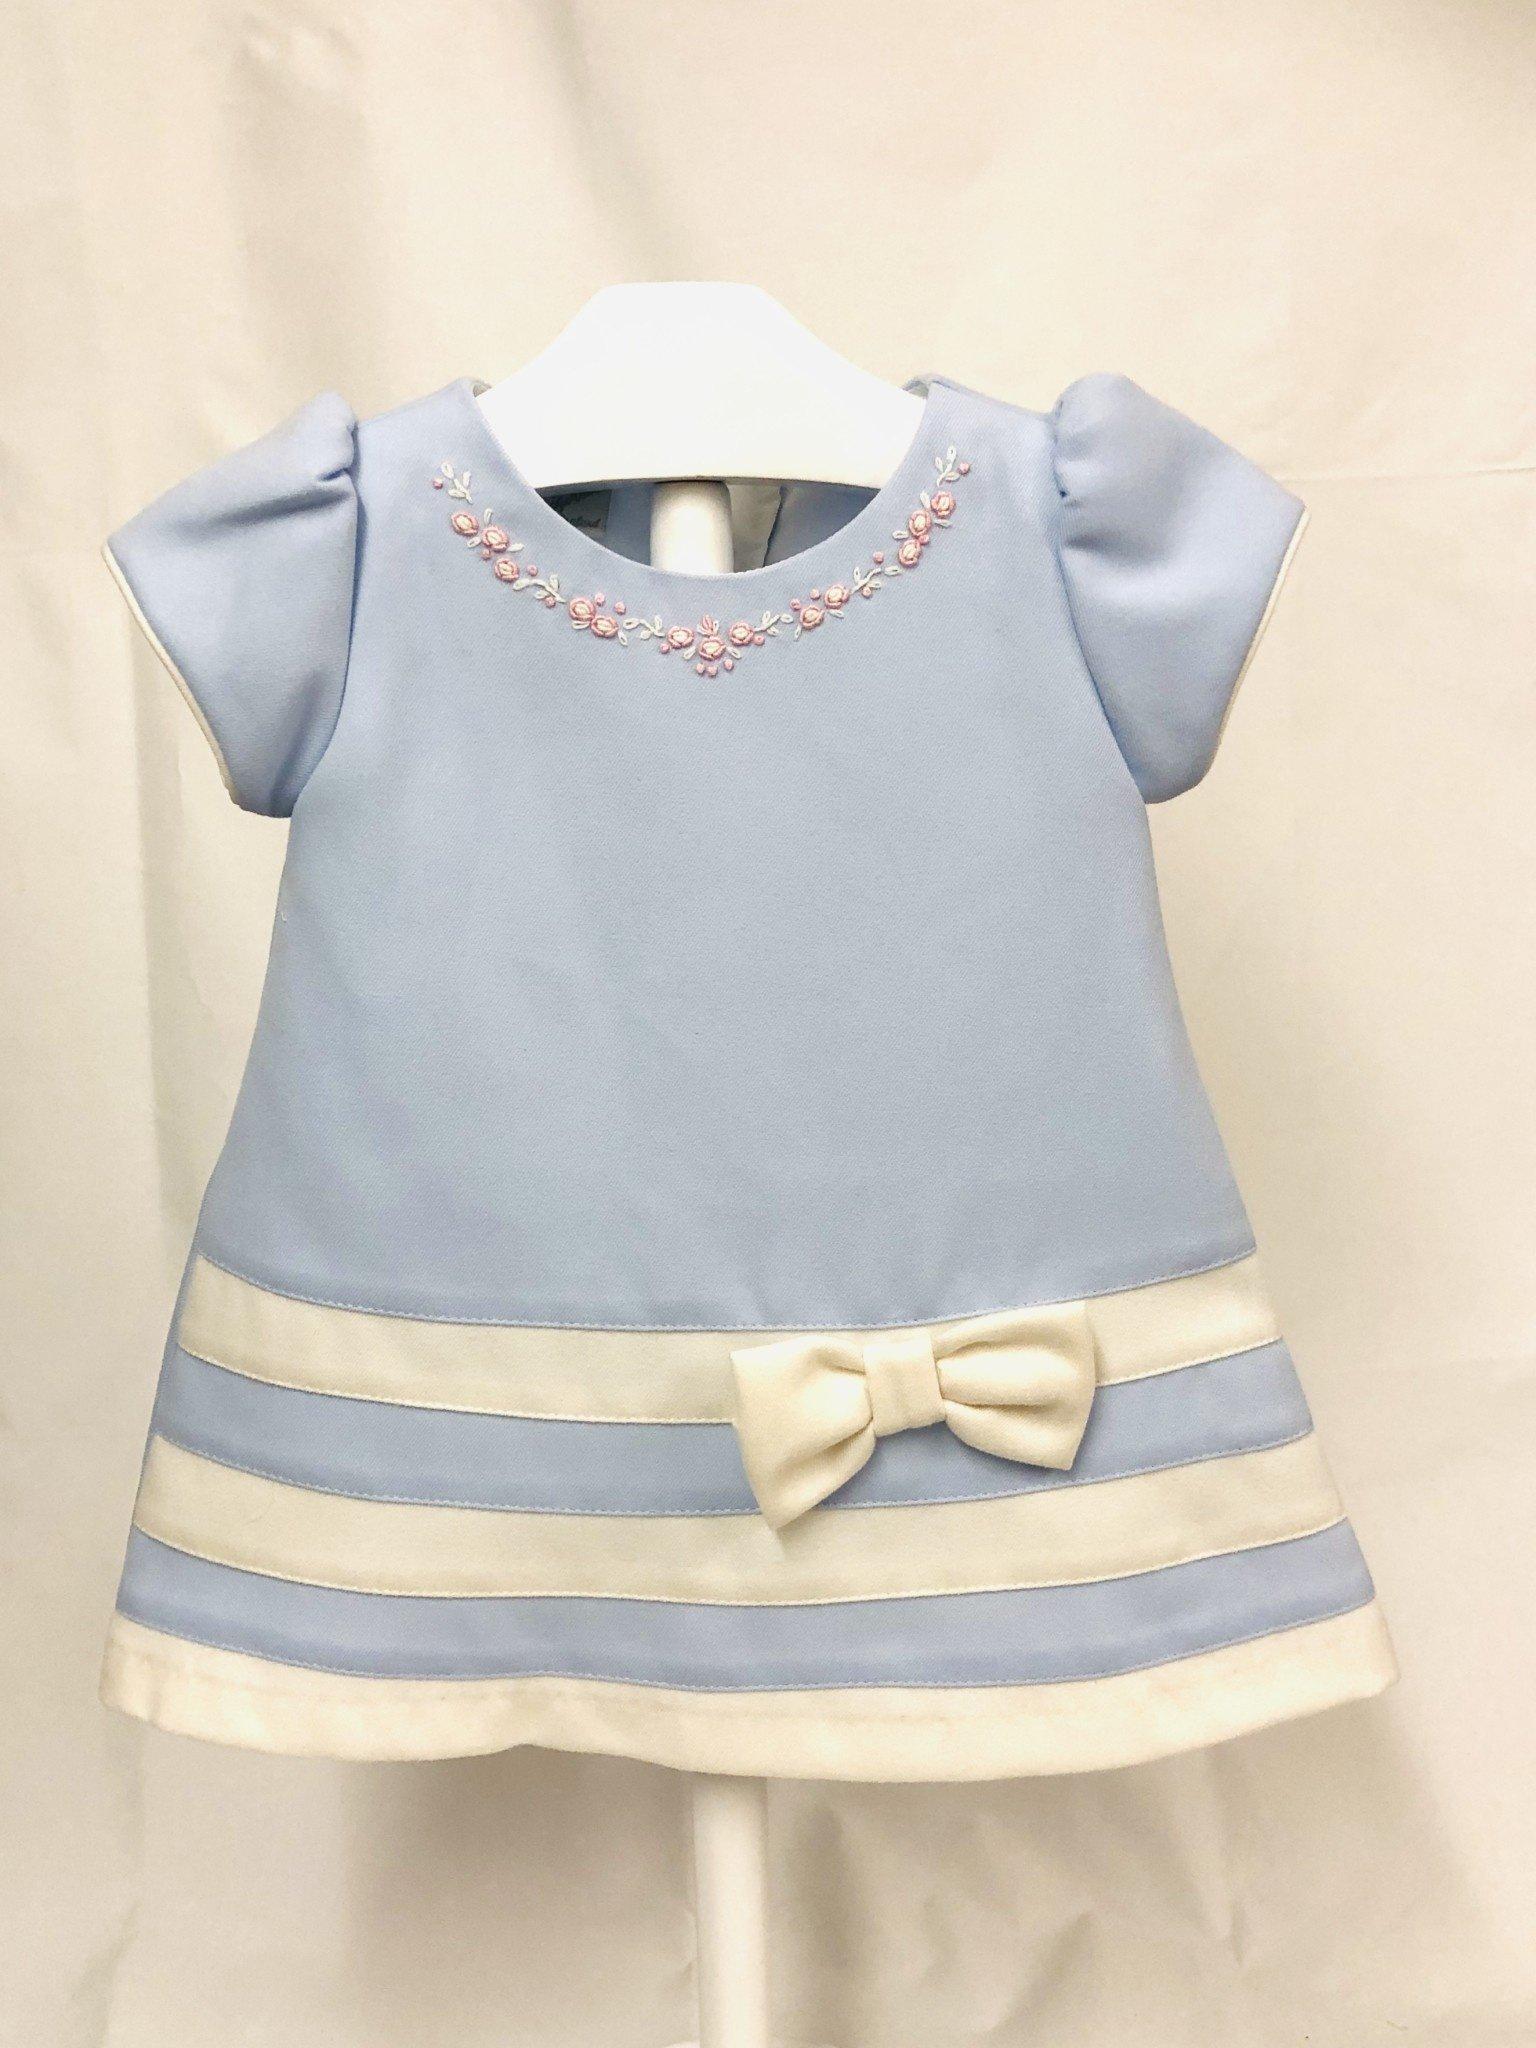 Pretty Originals Pretty Original BD01981 Blue Dress & White Bow